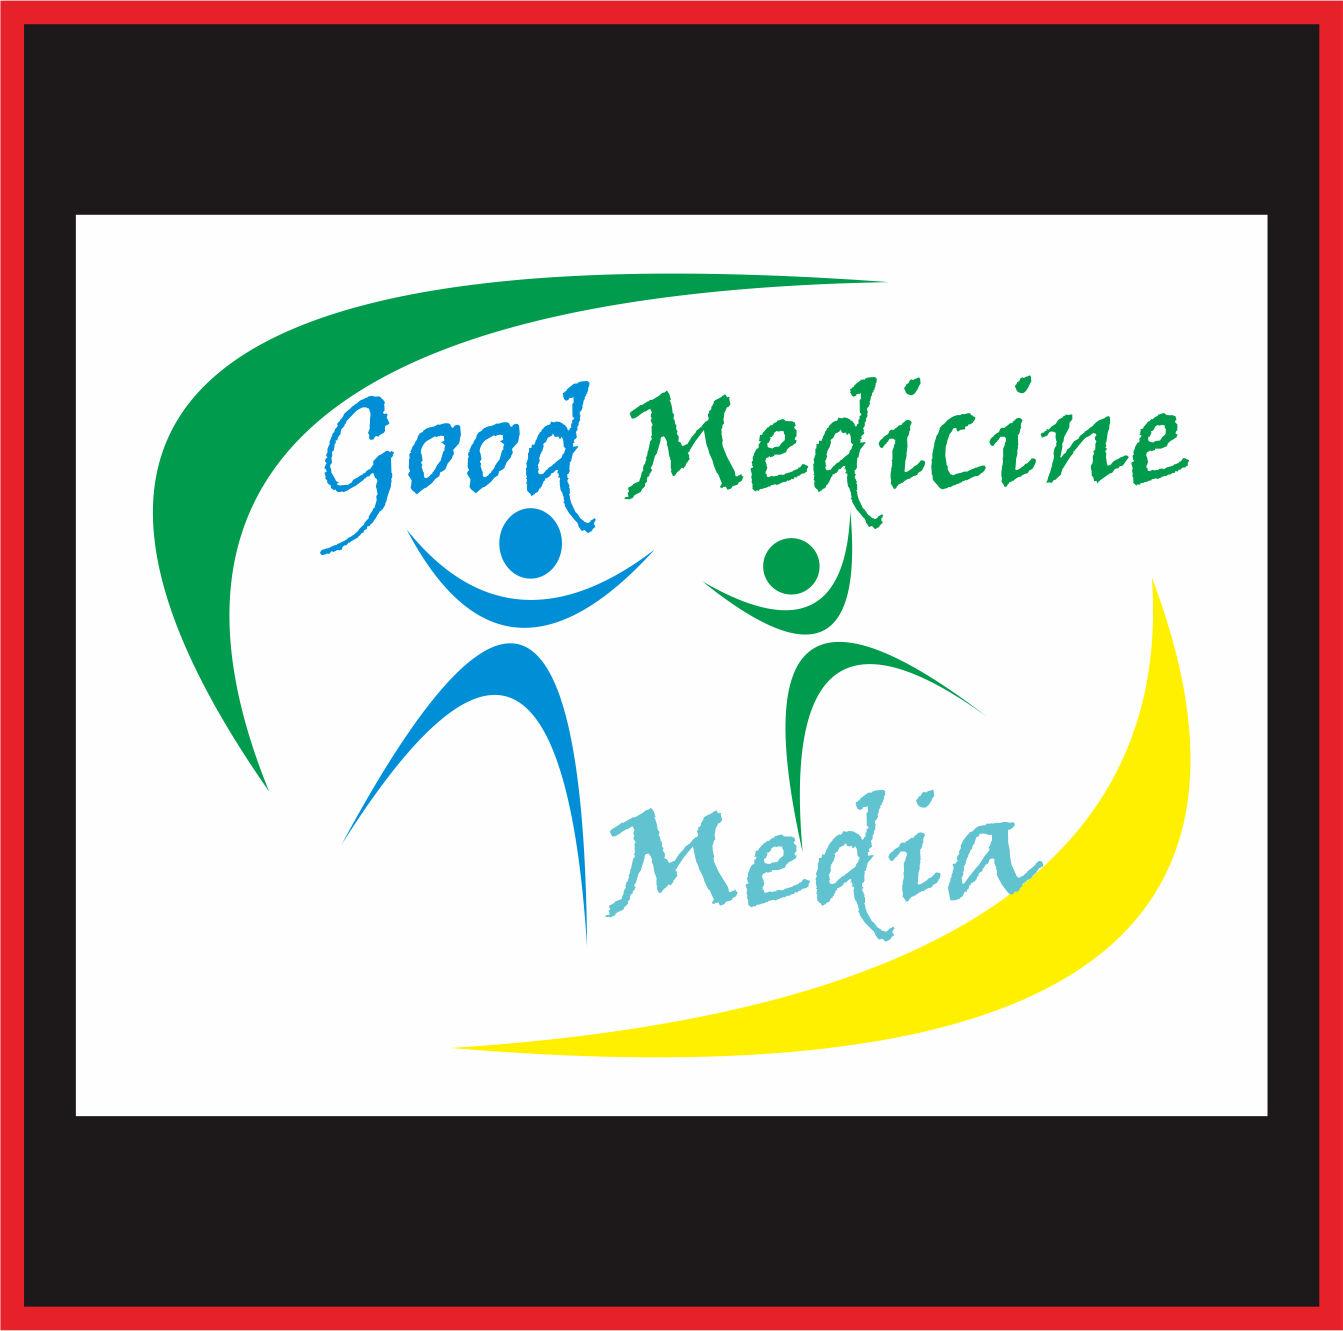 Logo Design by Teguh Hanuraga - Entry No. 16 in the Logo Design Contest Good Medicine Media Logo Design.